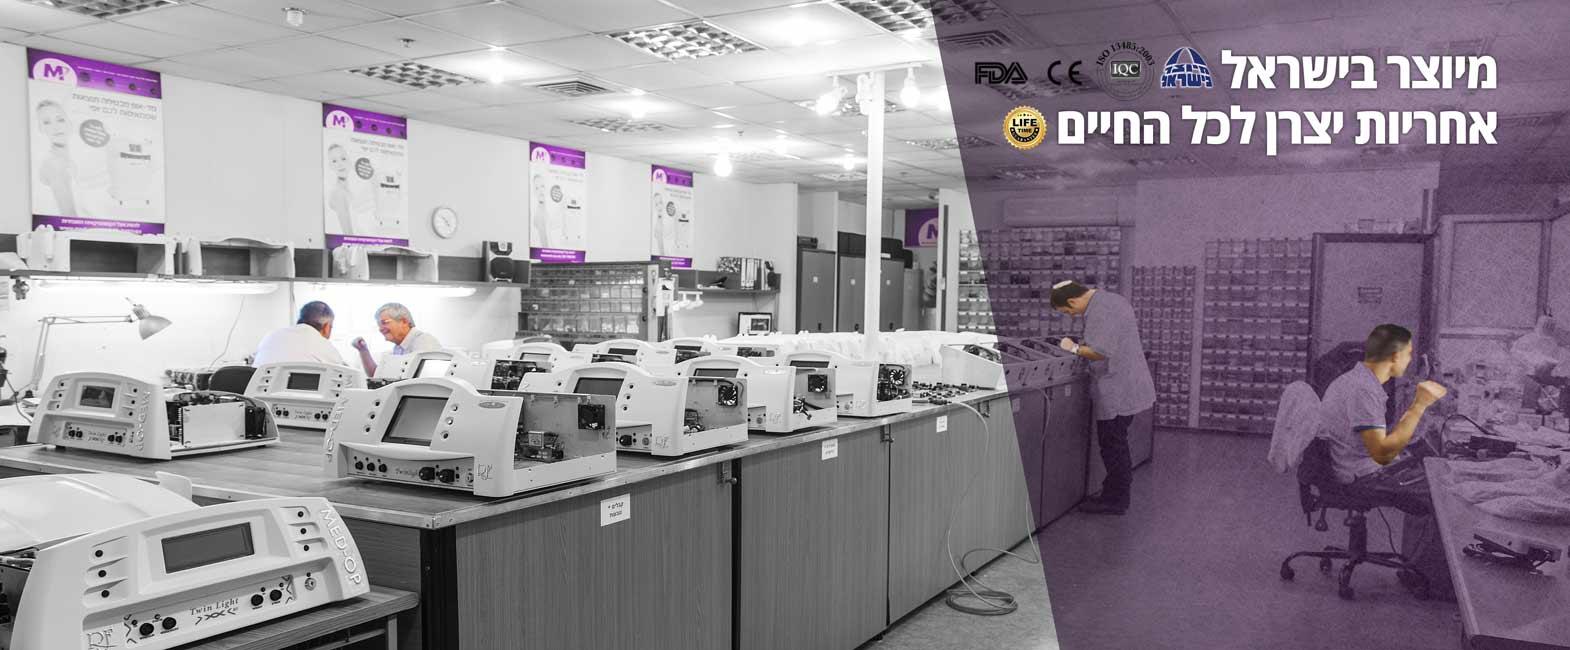 מד-אופ אסתטיק ייצור ישראלי > מכשירי אנטי אייגינג ומכשירי הסרת שיער